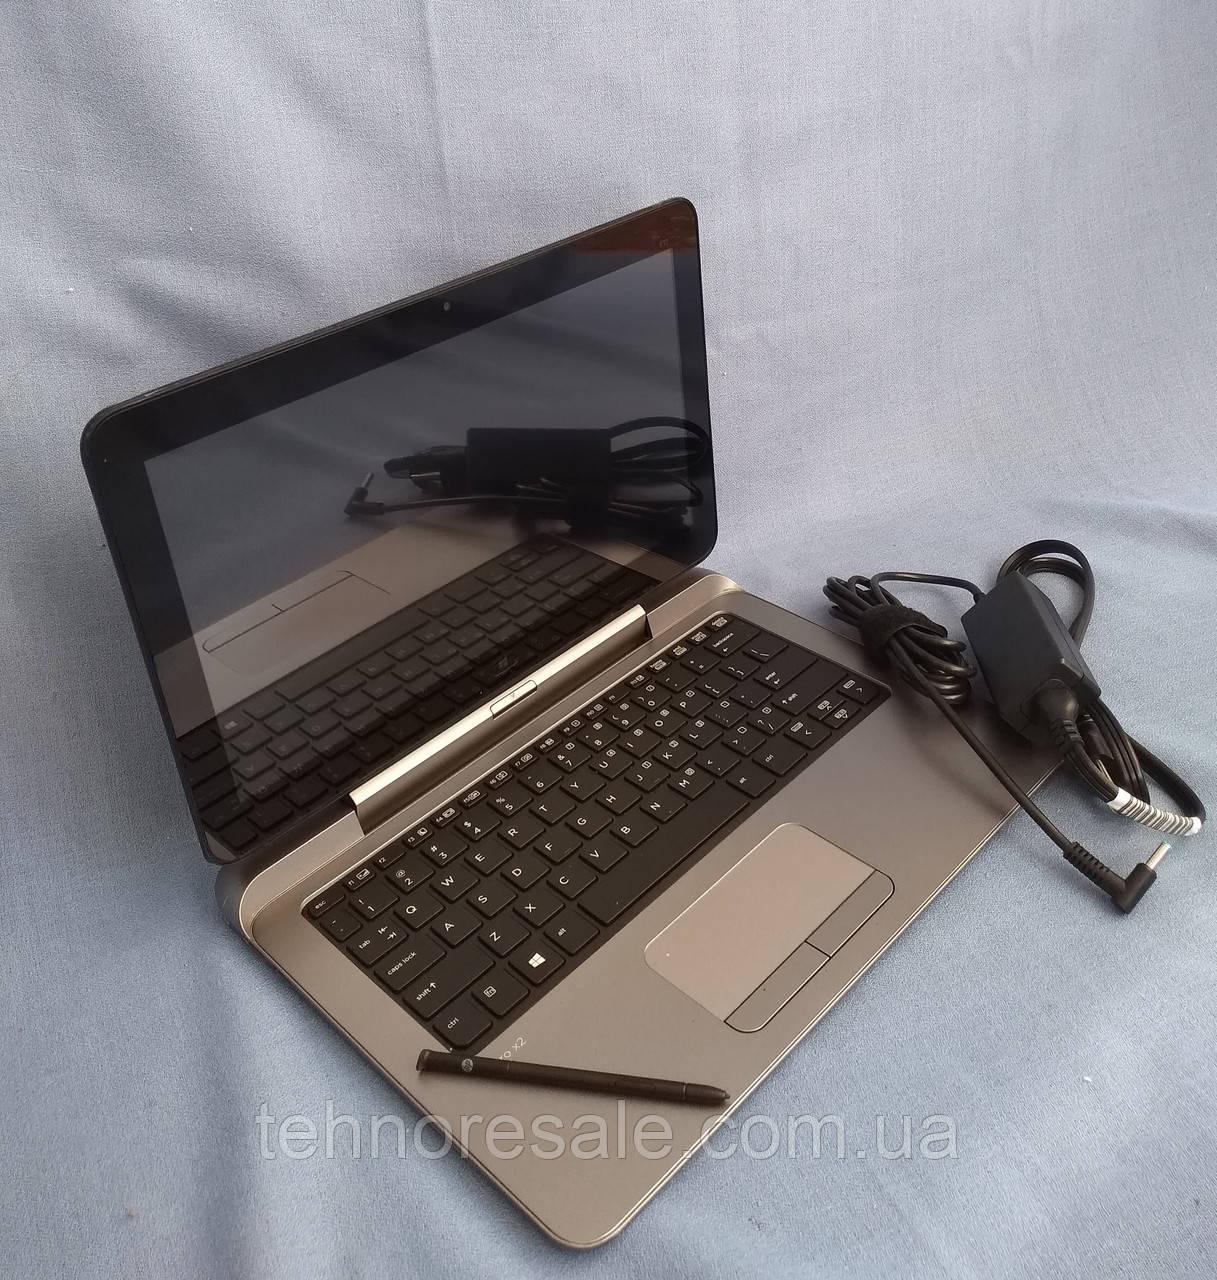 Планшет HP Pro x2 612 G1, 12,5'', 4/64Gb, Wi-fi, клавиатура, стилус, новые батареи, Windows 10 pro